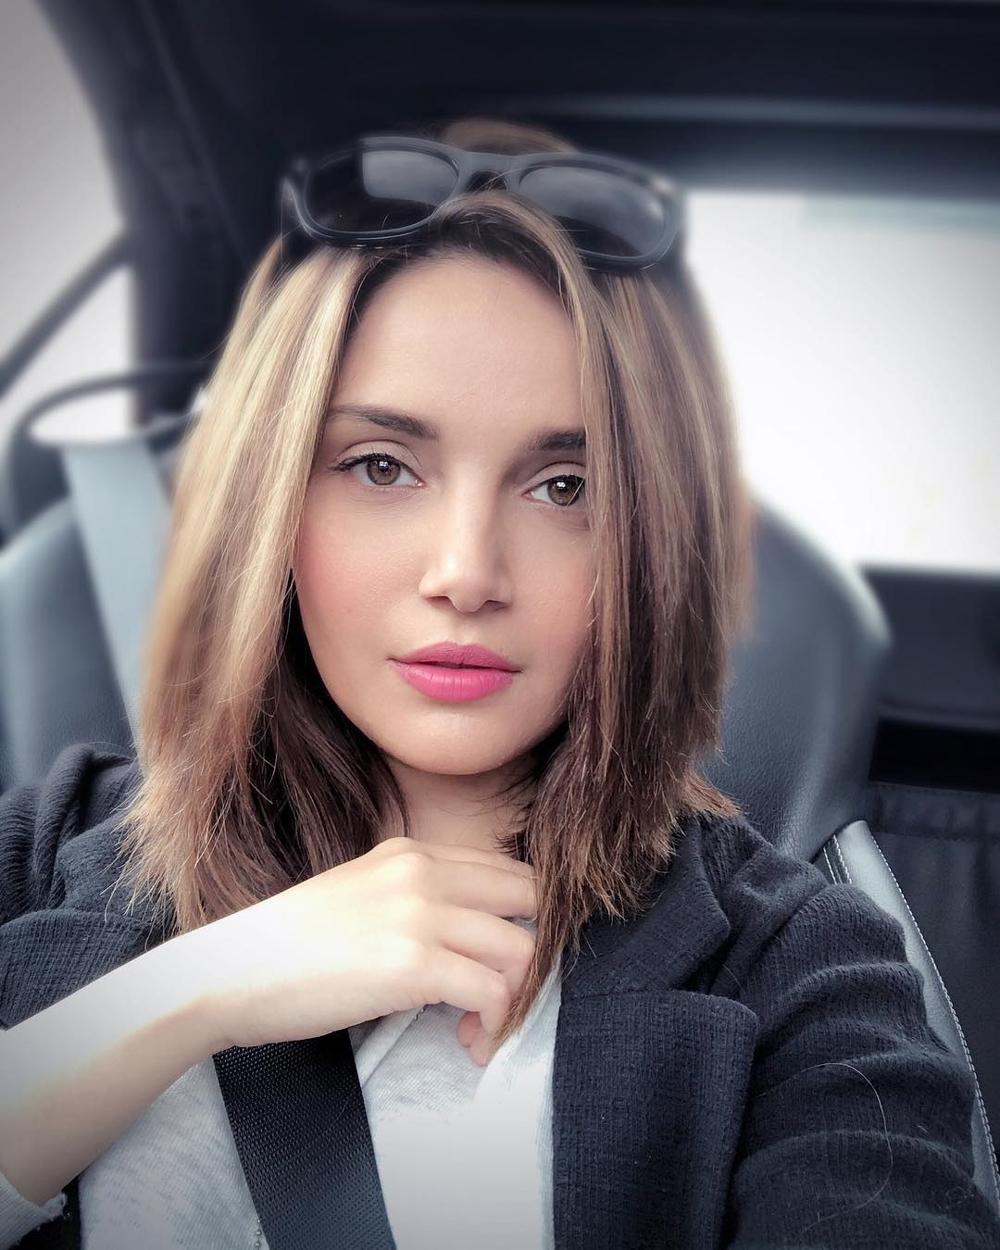 Armeena Khan Husband, Age, Height, Family, Bio & More